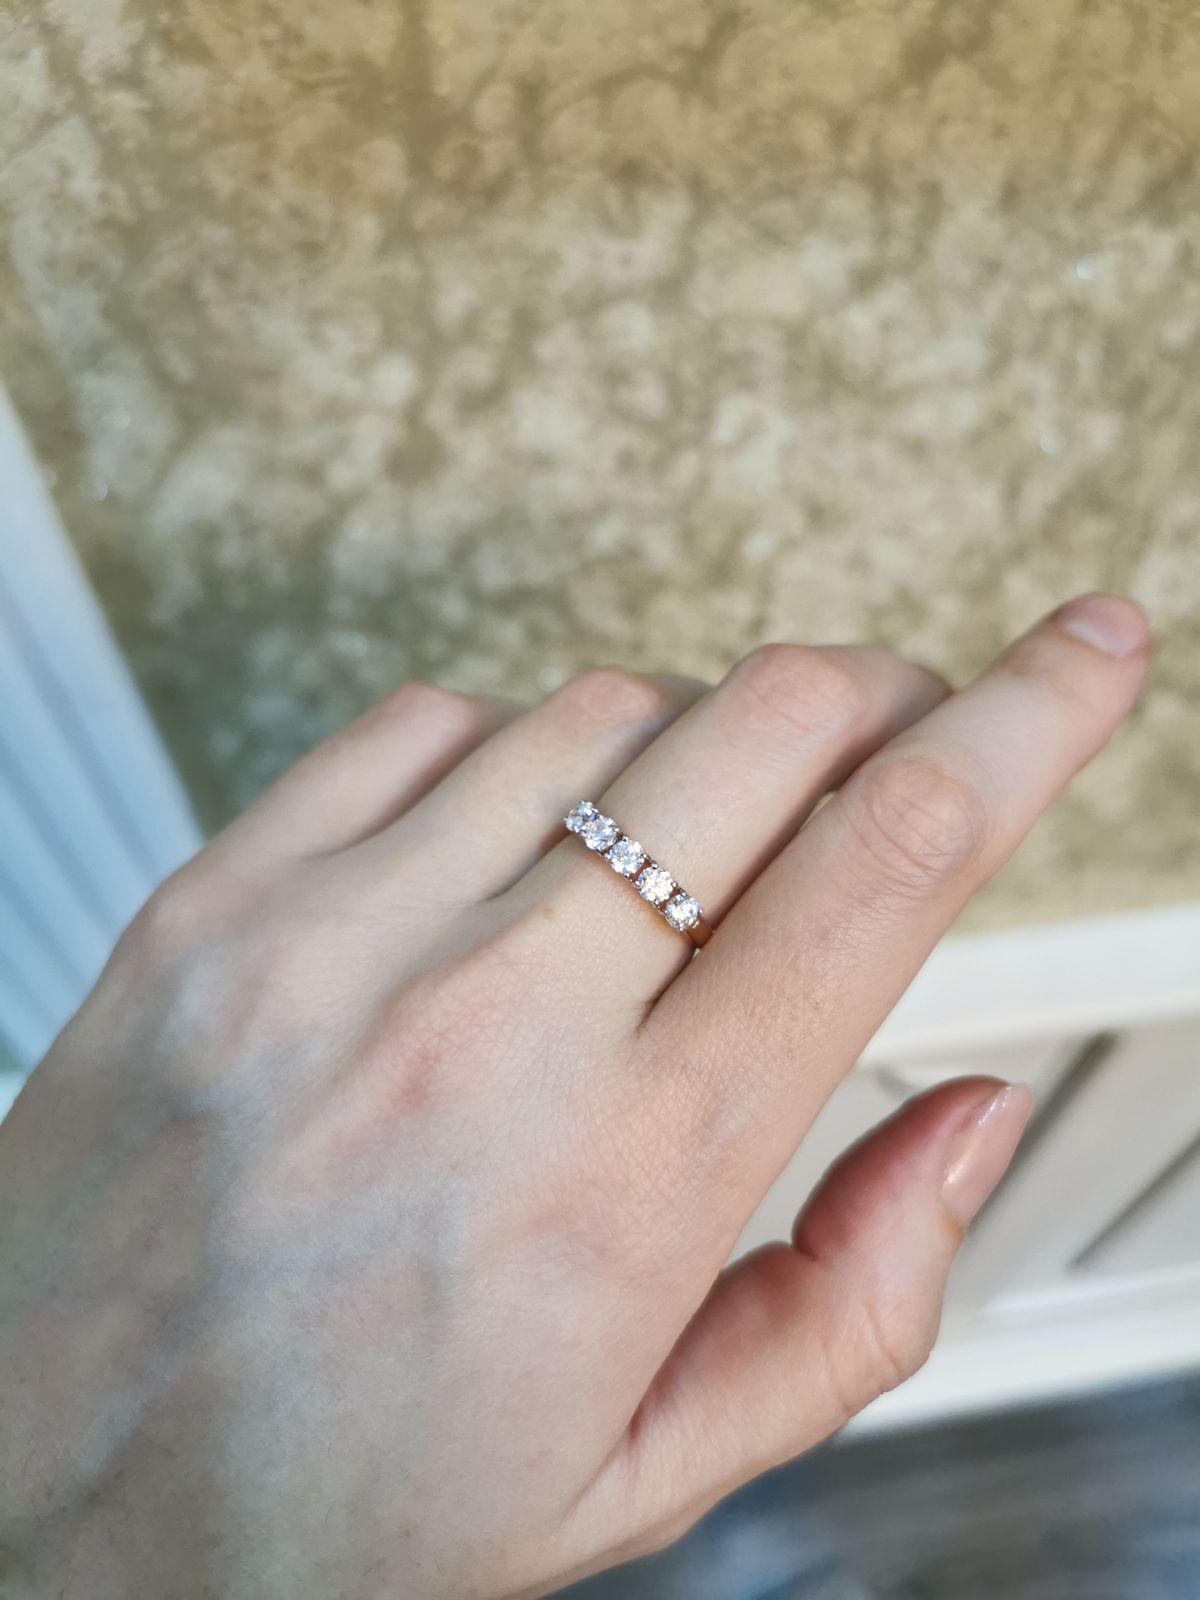 Сверкающие камни этого кольца завораживают взгляд